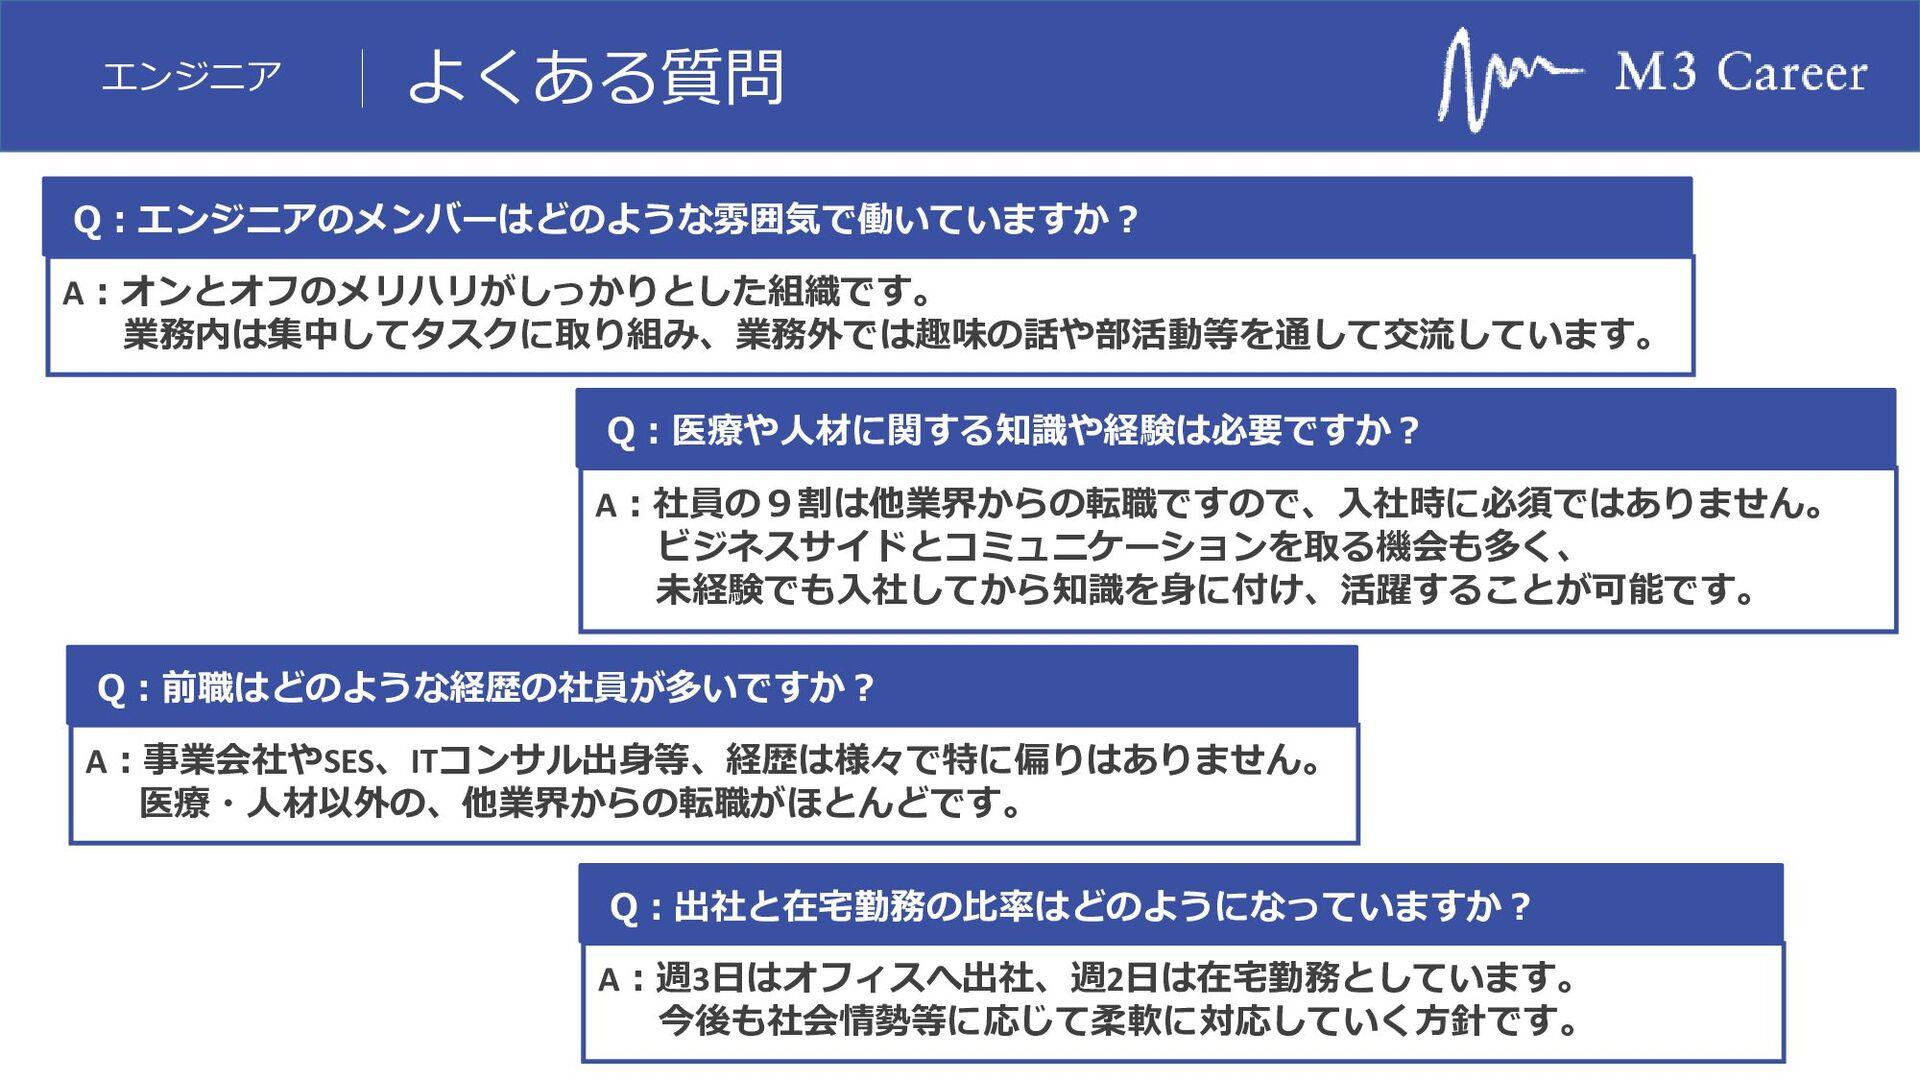 エンジニア QA戦略 『人、サービス、事業と並走するQA組織へ』 1 品質保証(Quality...